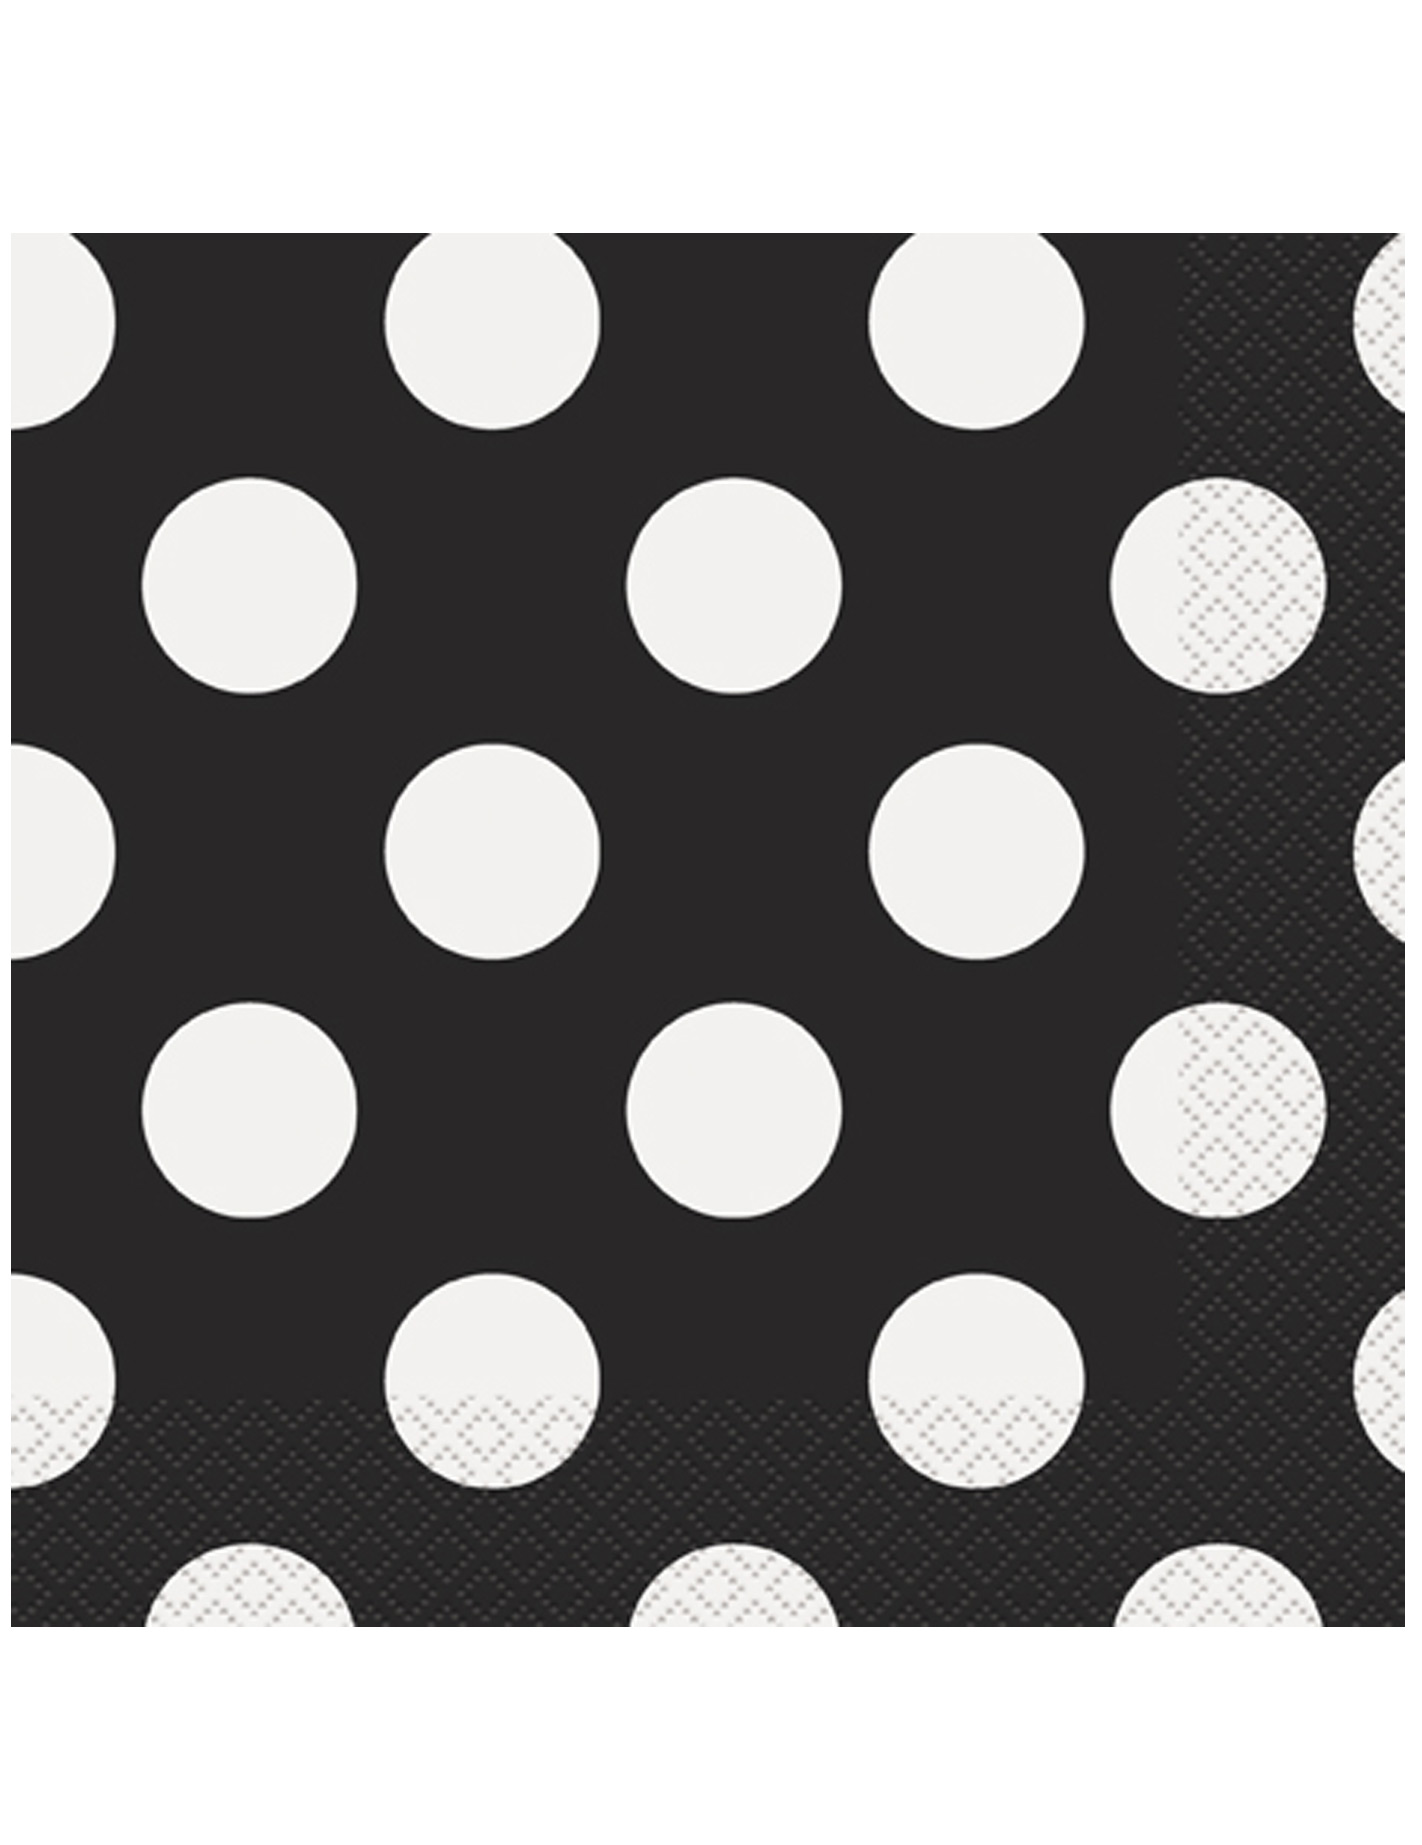 16 Serviettes en papier Noires u00e0 pois blancs 33 x 33 cm ...